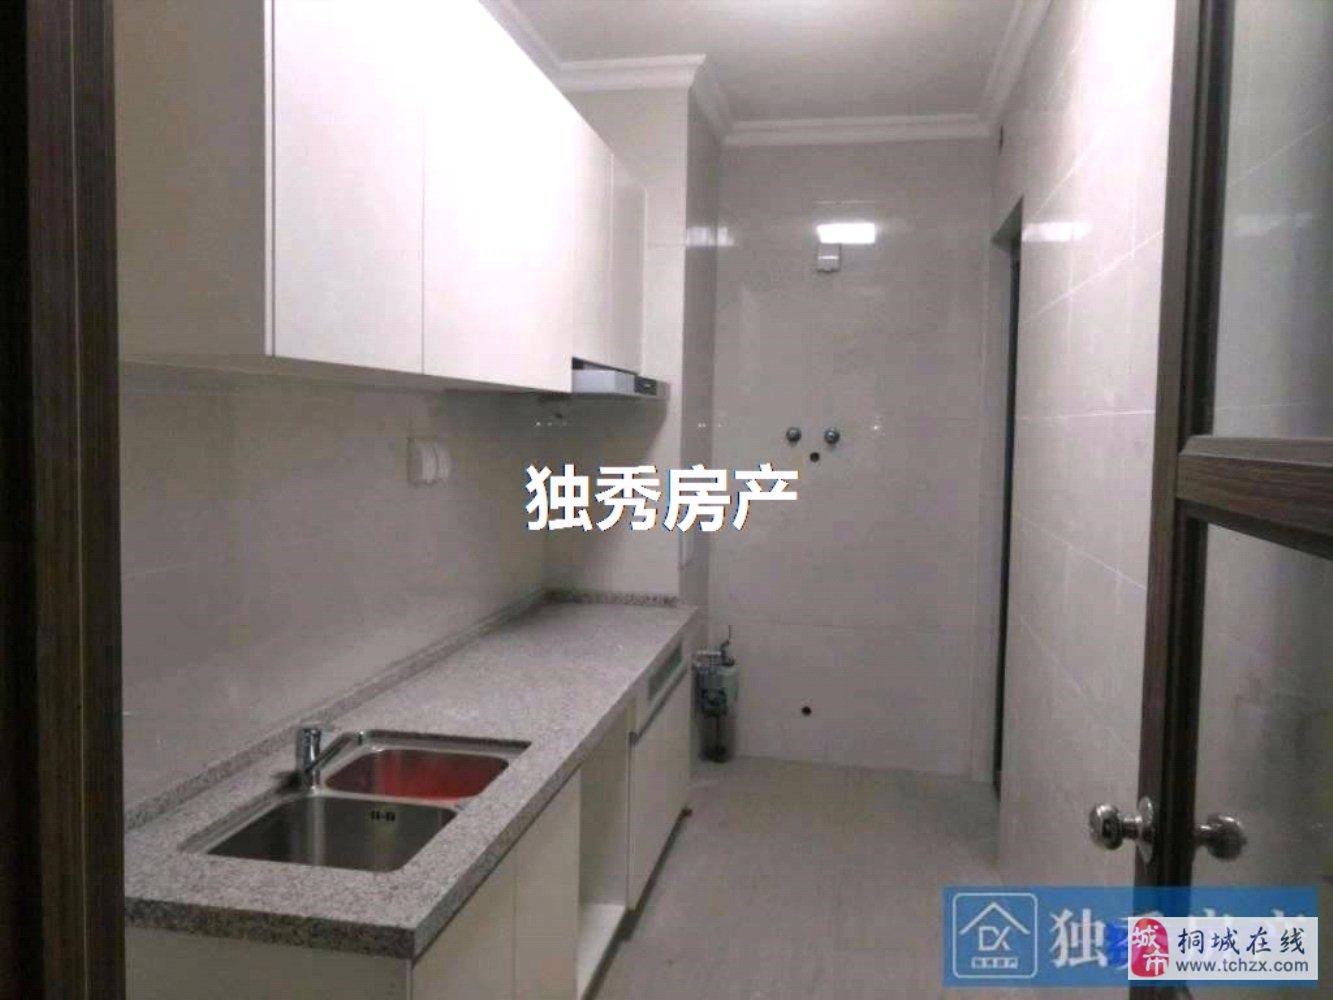 出售桐城碧桂园精装房3室2厅1卫80万元